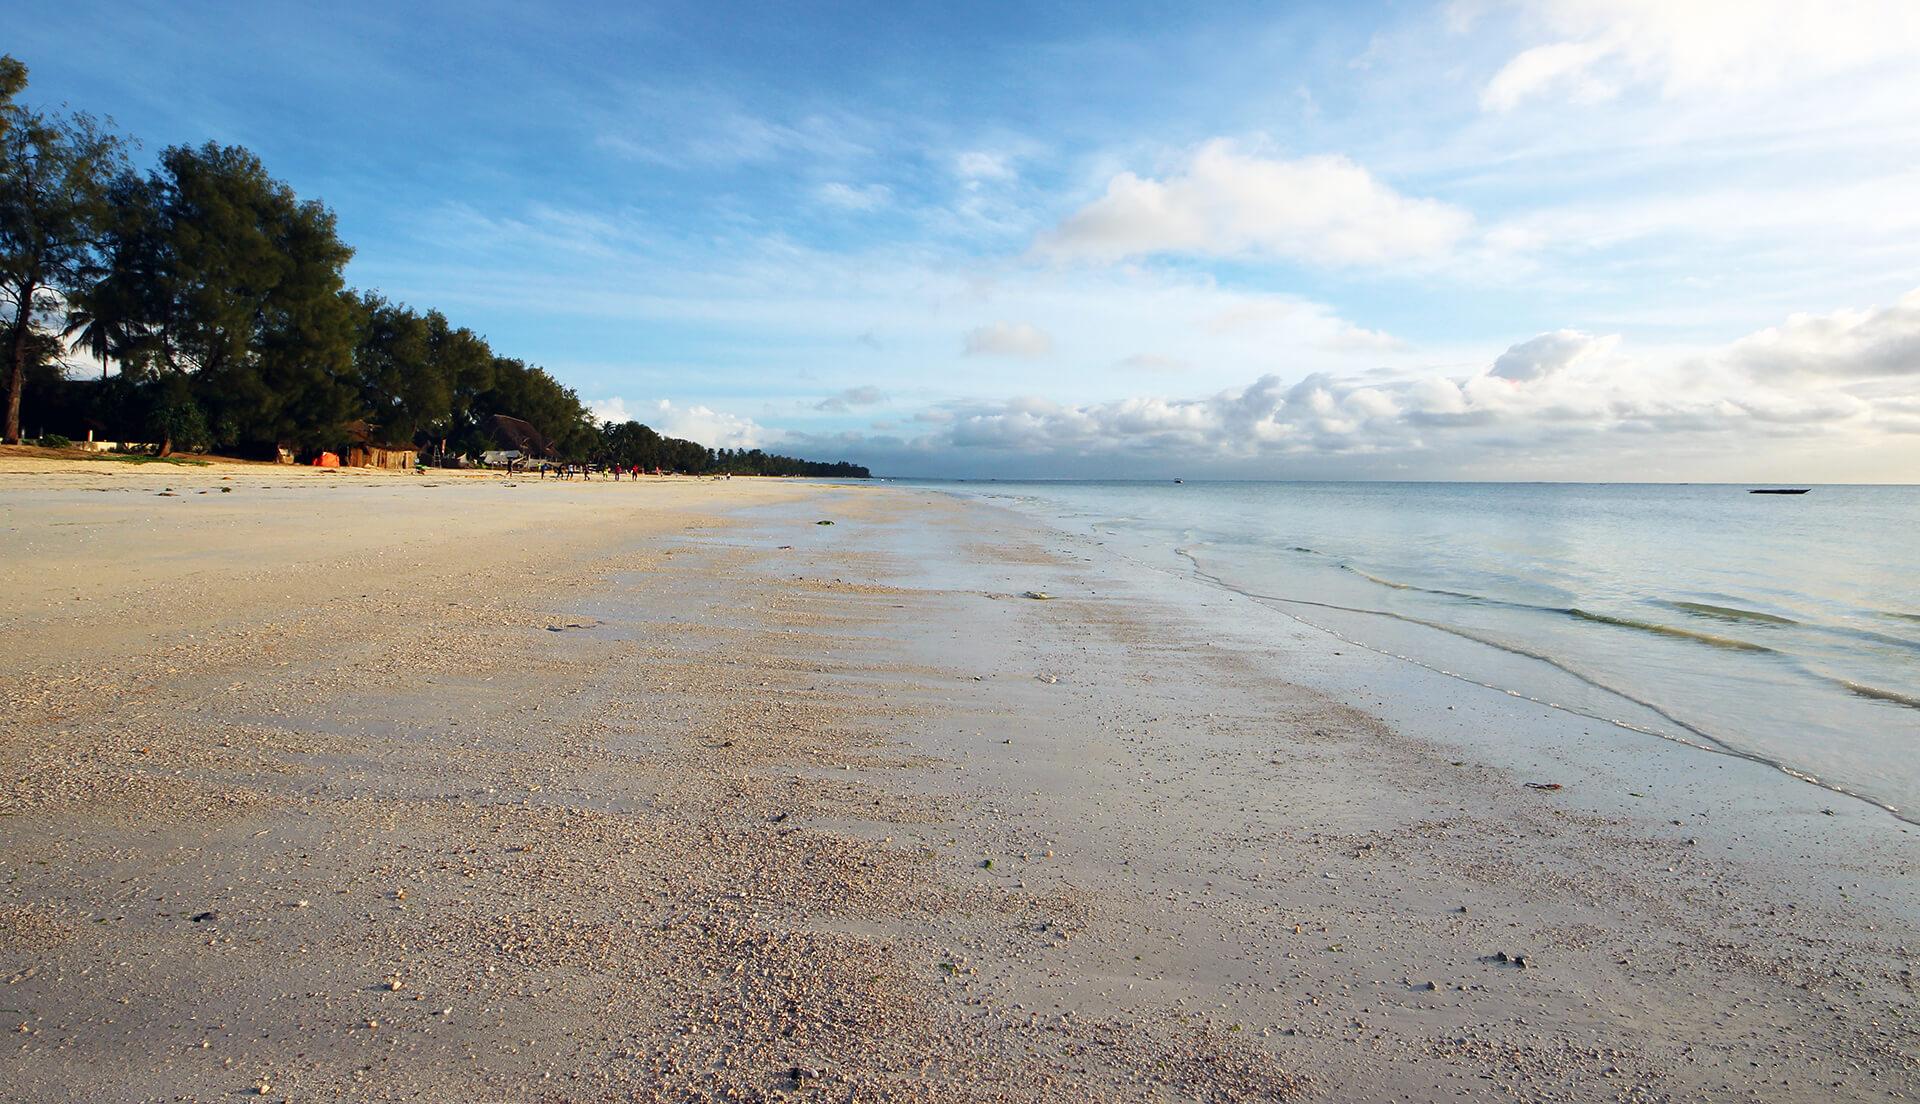 mare e spiagge vacanze zanzibar kiwengwa africa